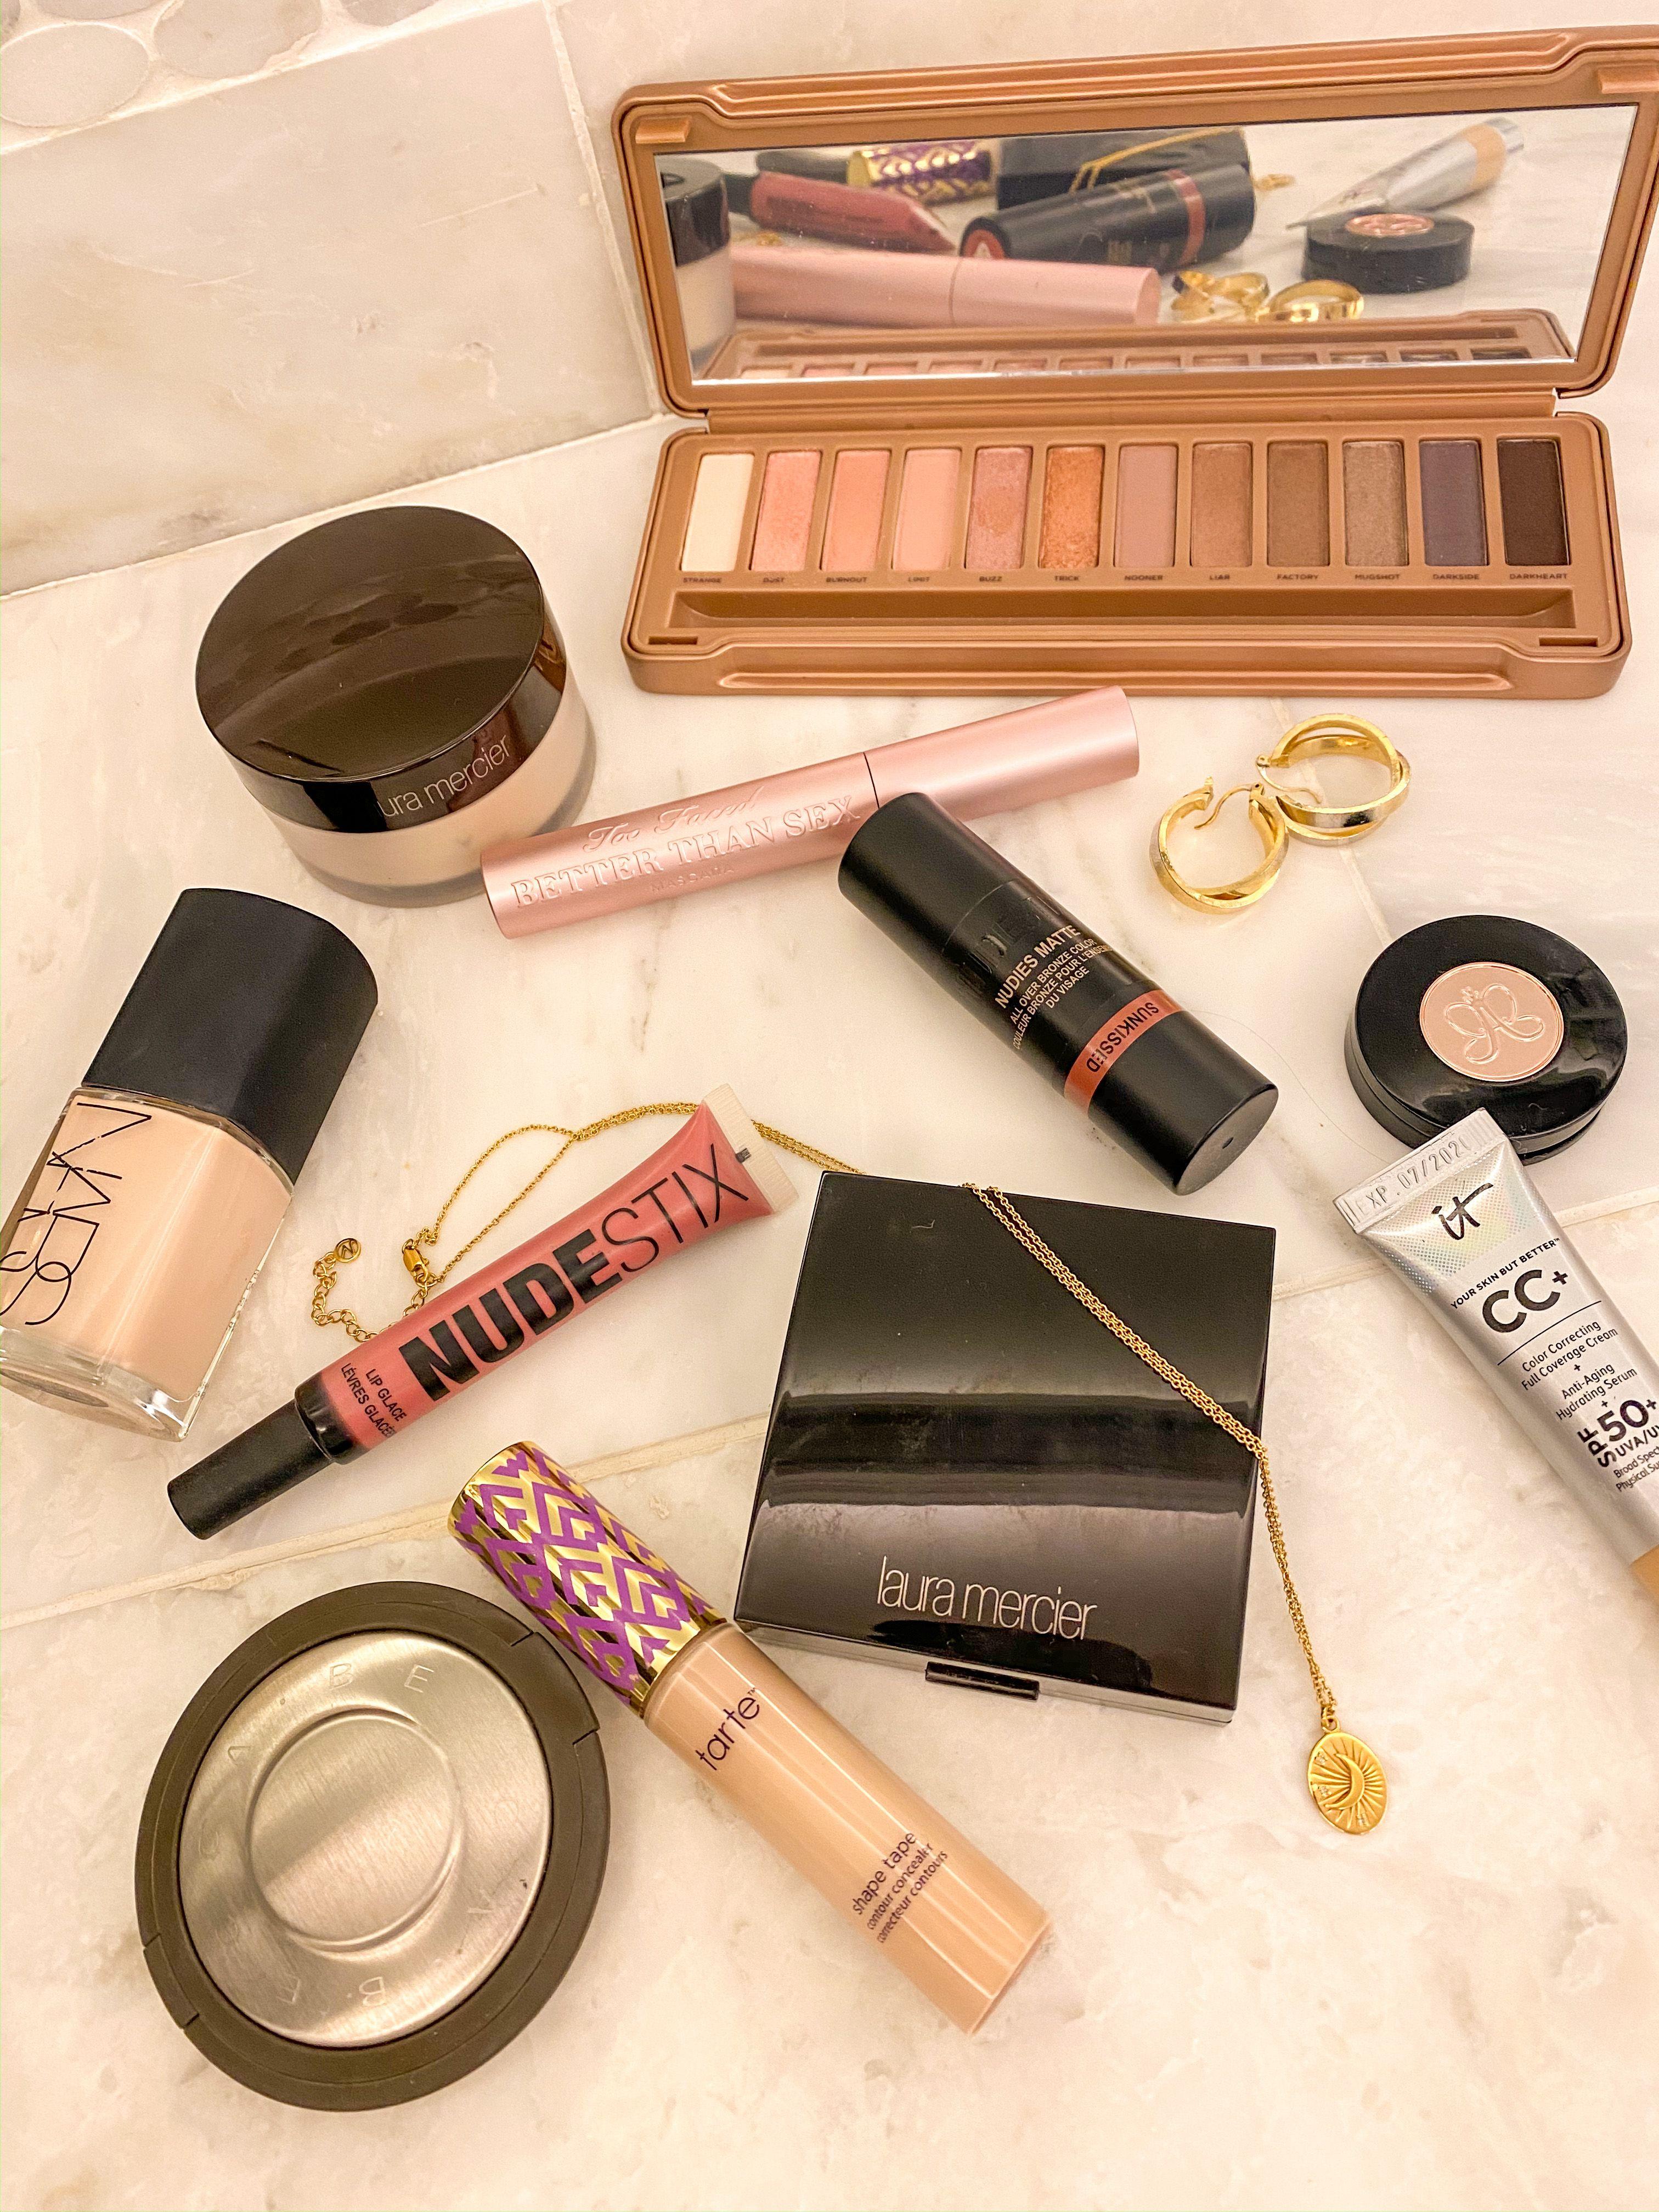 My Tan, Glowy Makeup Routine in 2020 Glowy makeup